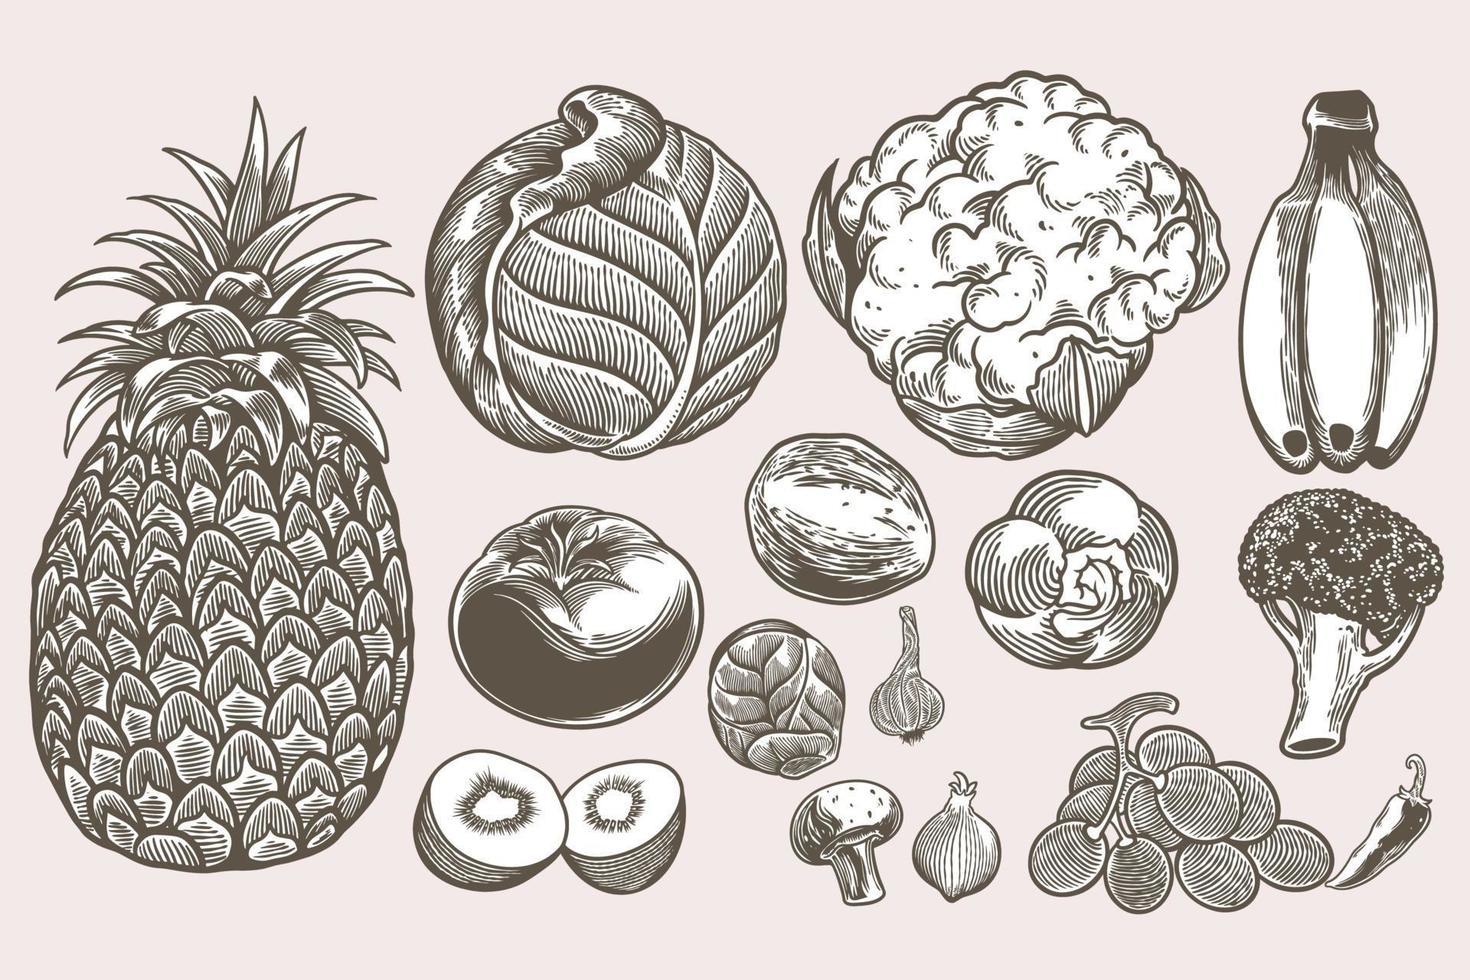 vegano doodle set colección de bocetos dibujados a mano plantillas vintage grabado doodle. elementos aislados detallados sobre fondo blanco, perfecto para menú, diseño de libros. imágenes de comida retro vintage. vector